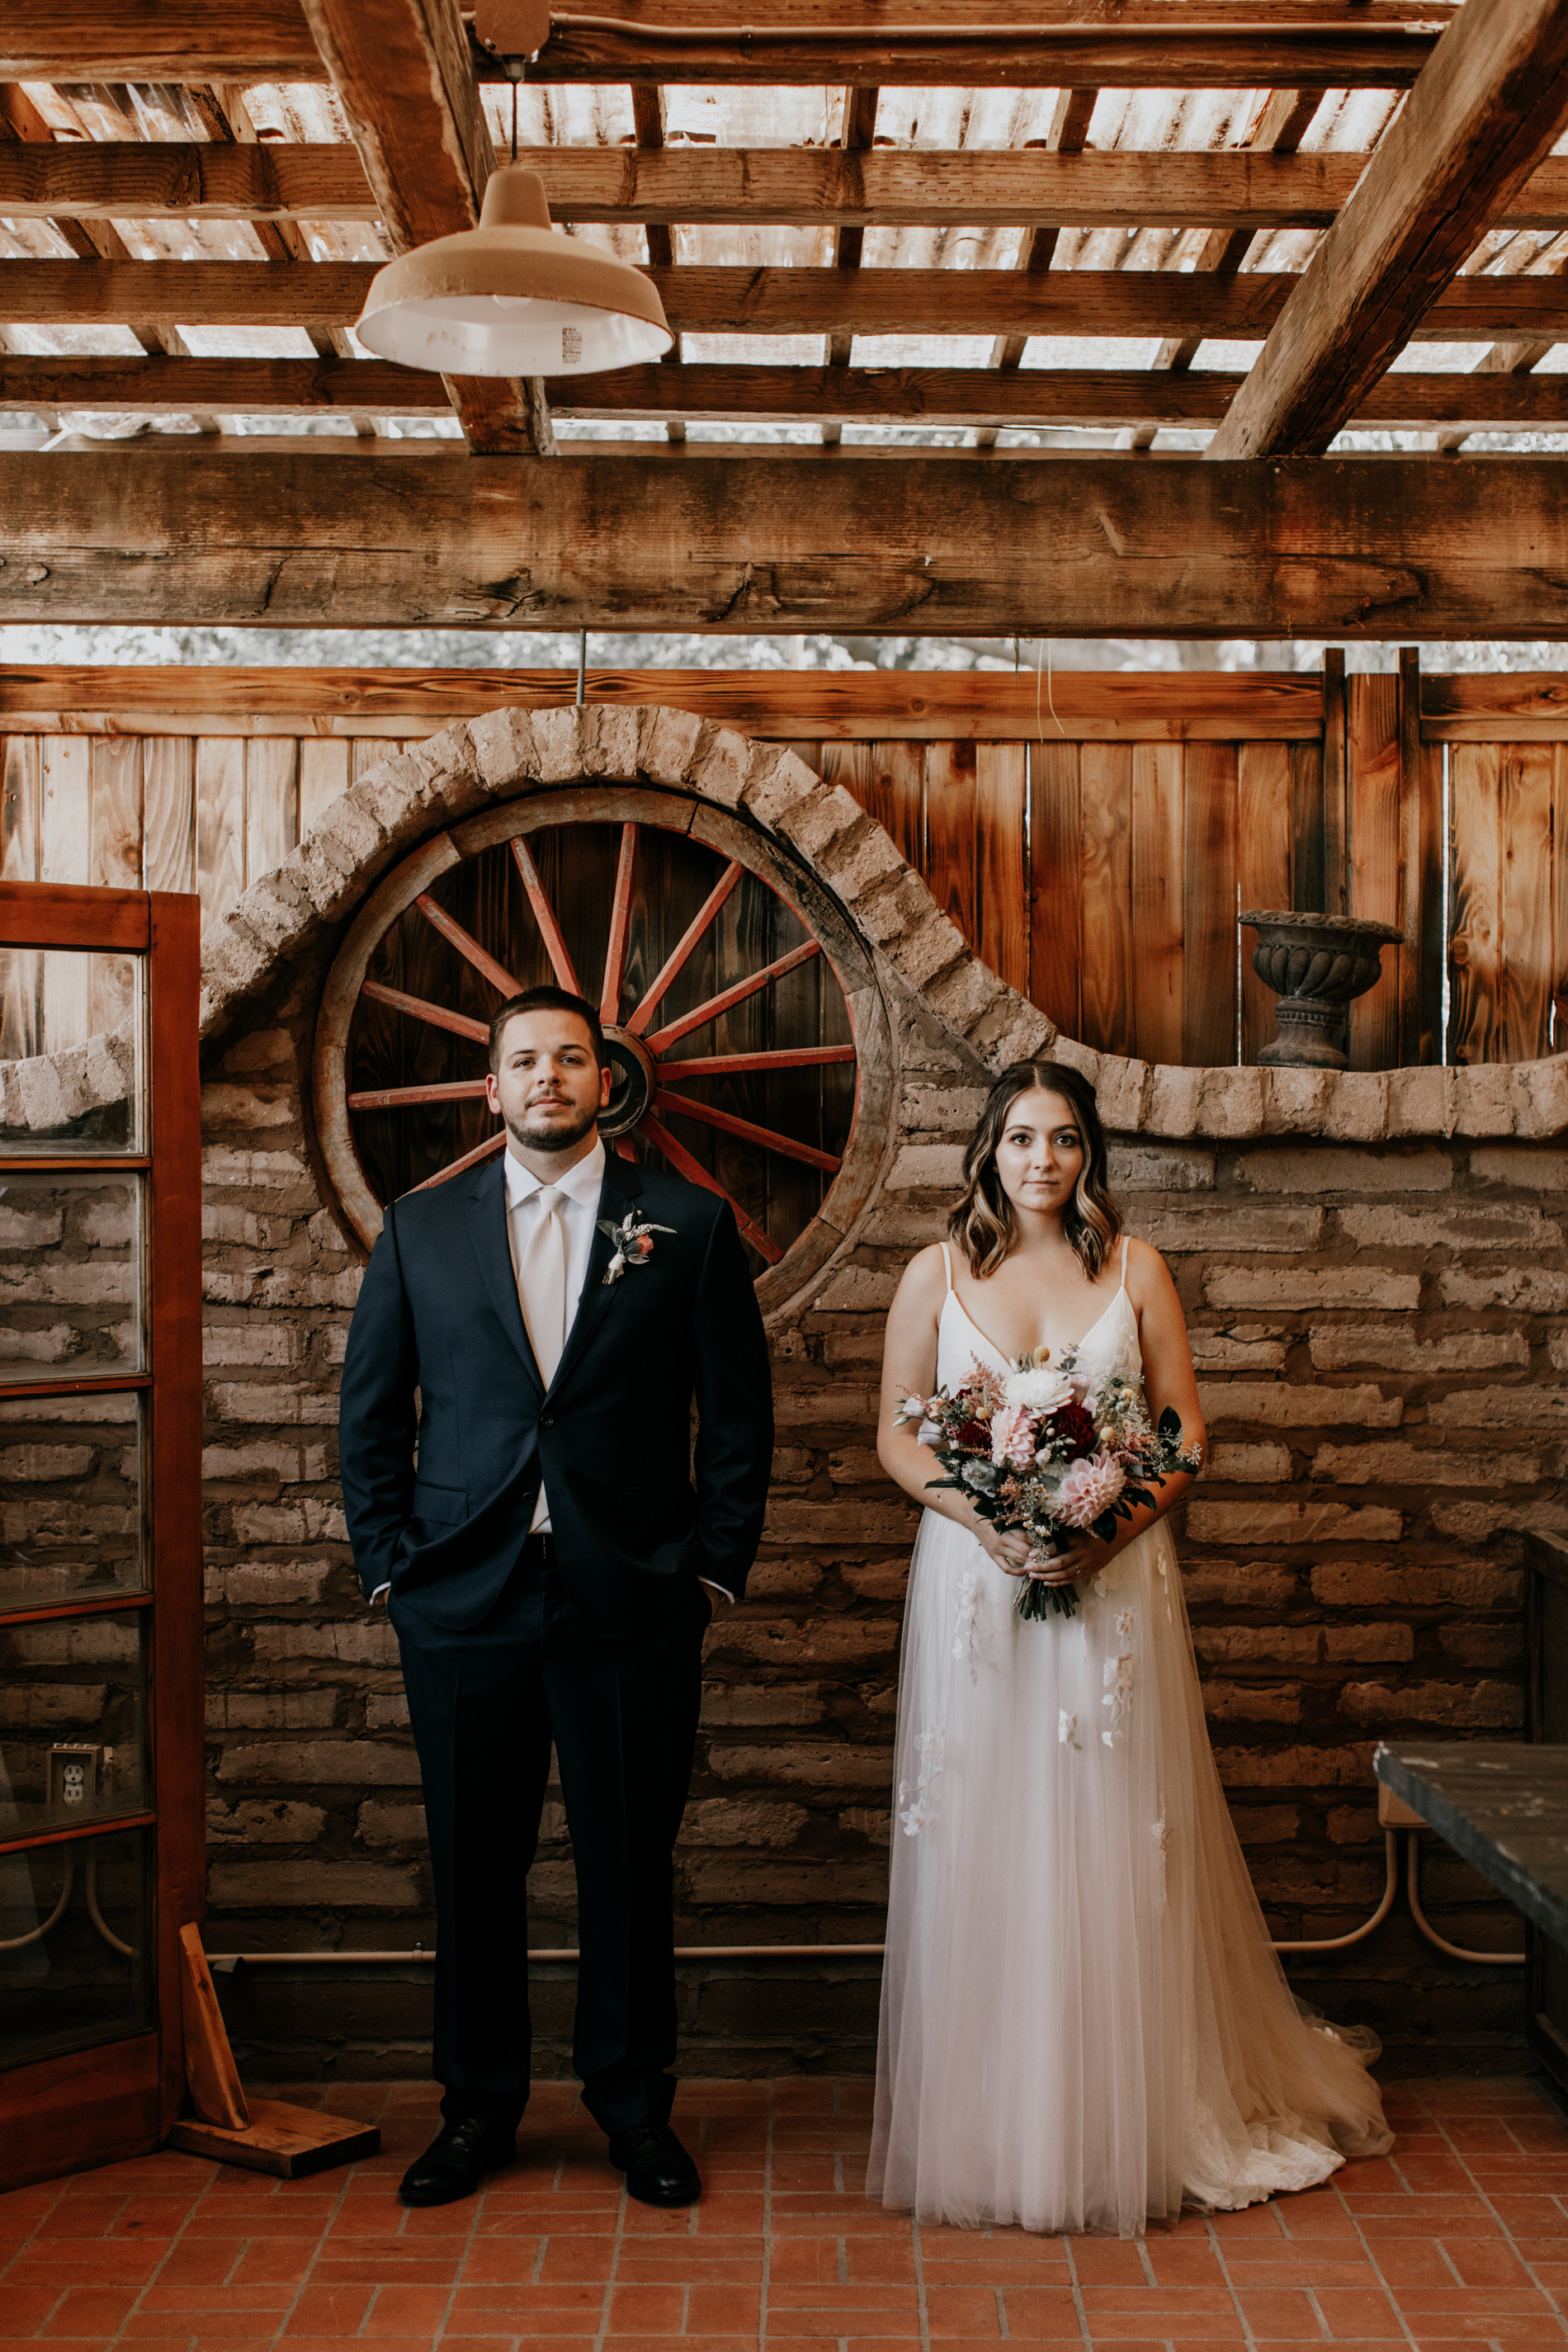 BestweddingphotographersinTemecula.jpg